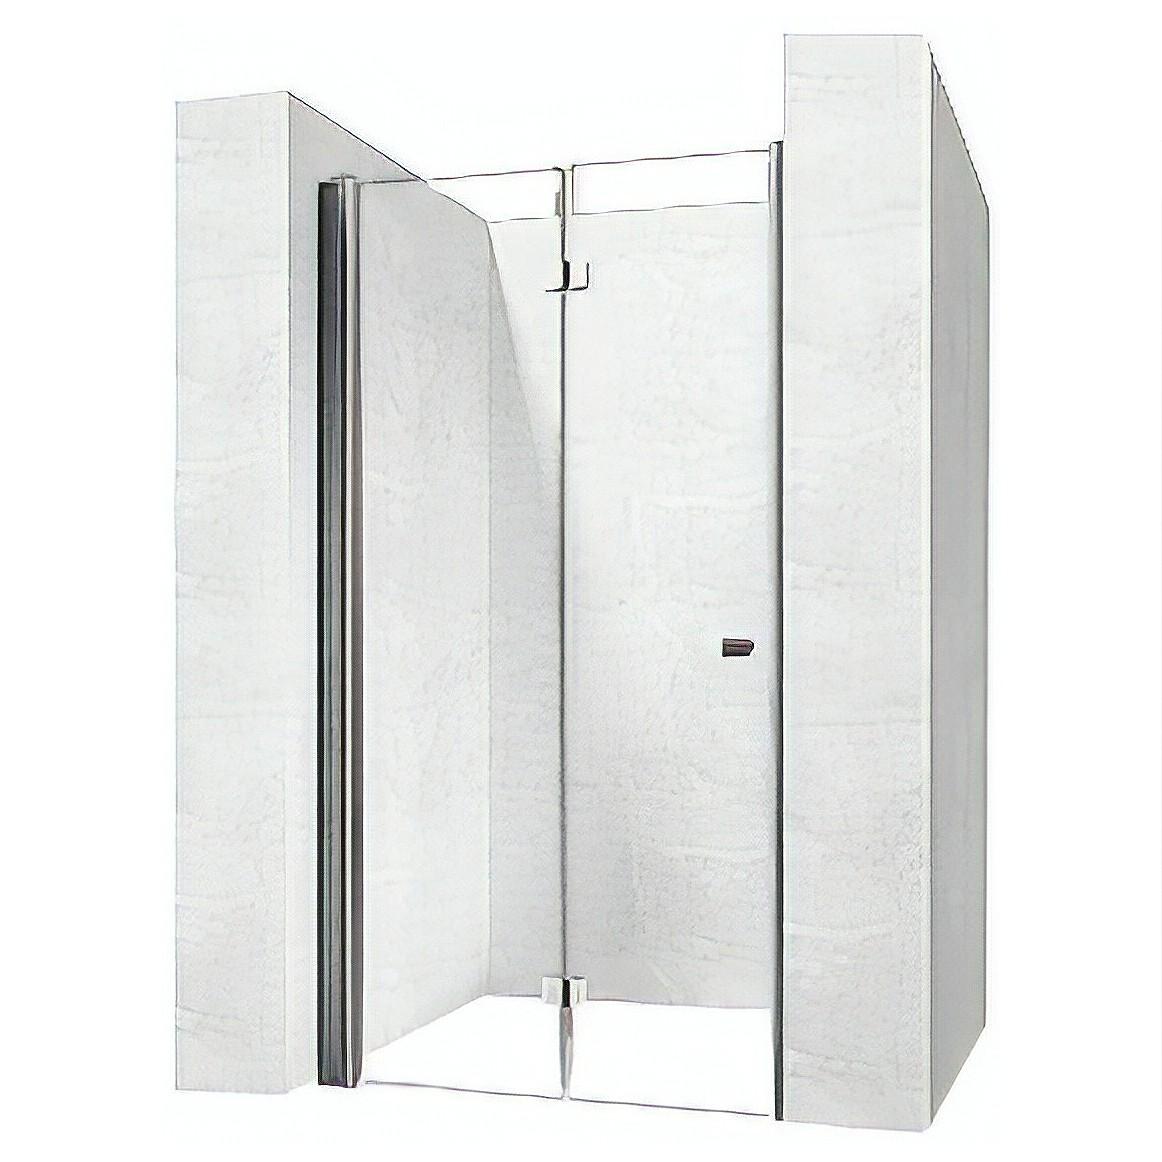 Sprchové dveře My Space N 70 cm transparentní